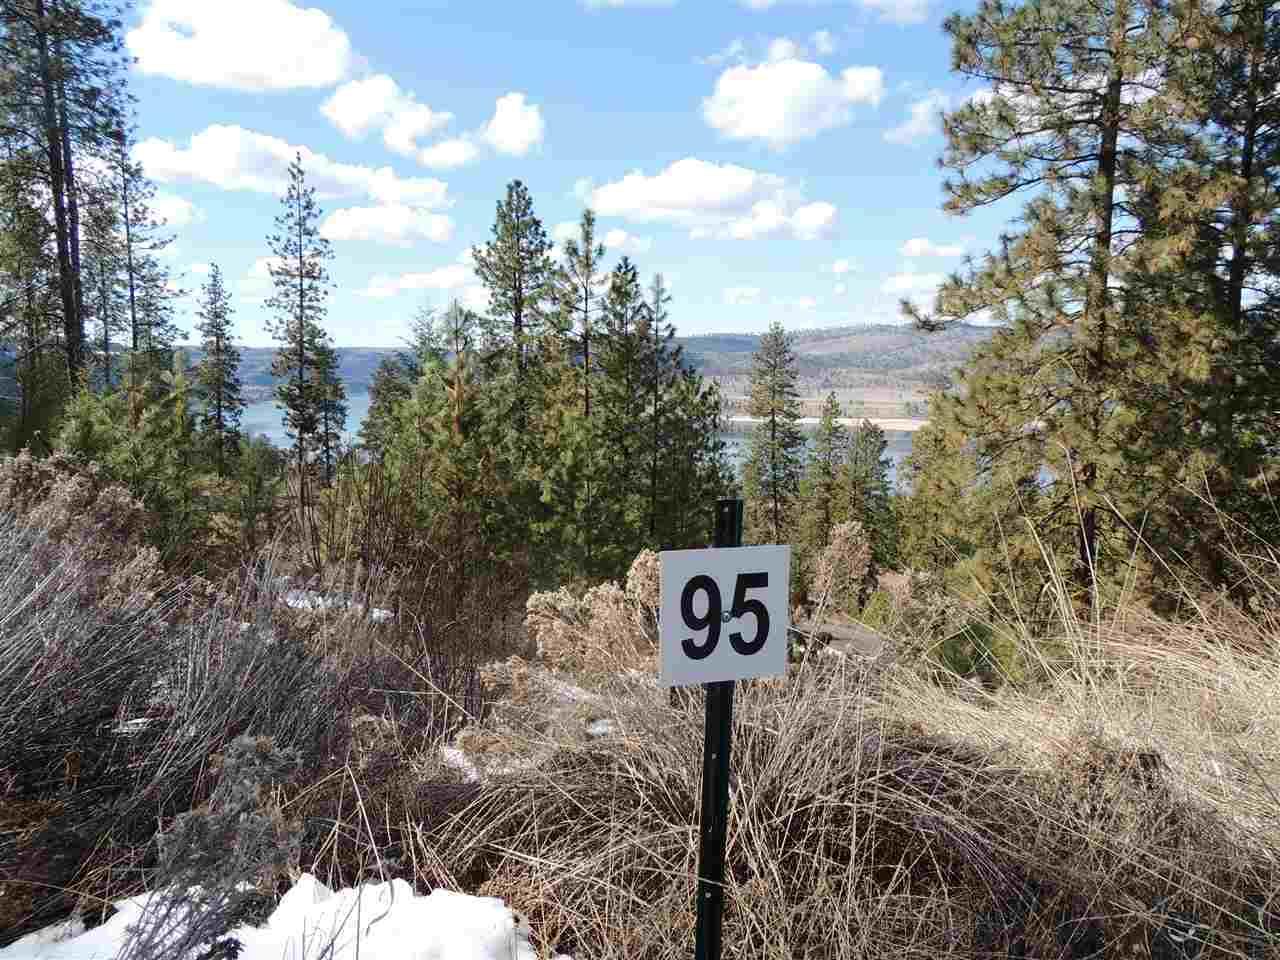 39361 Vantage Pt. N. Lot 95, Seven Bays, WA - USA (photo 1)